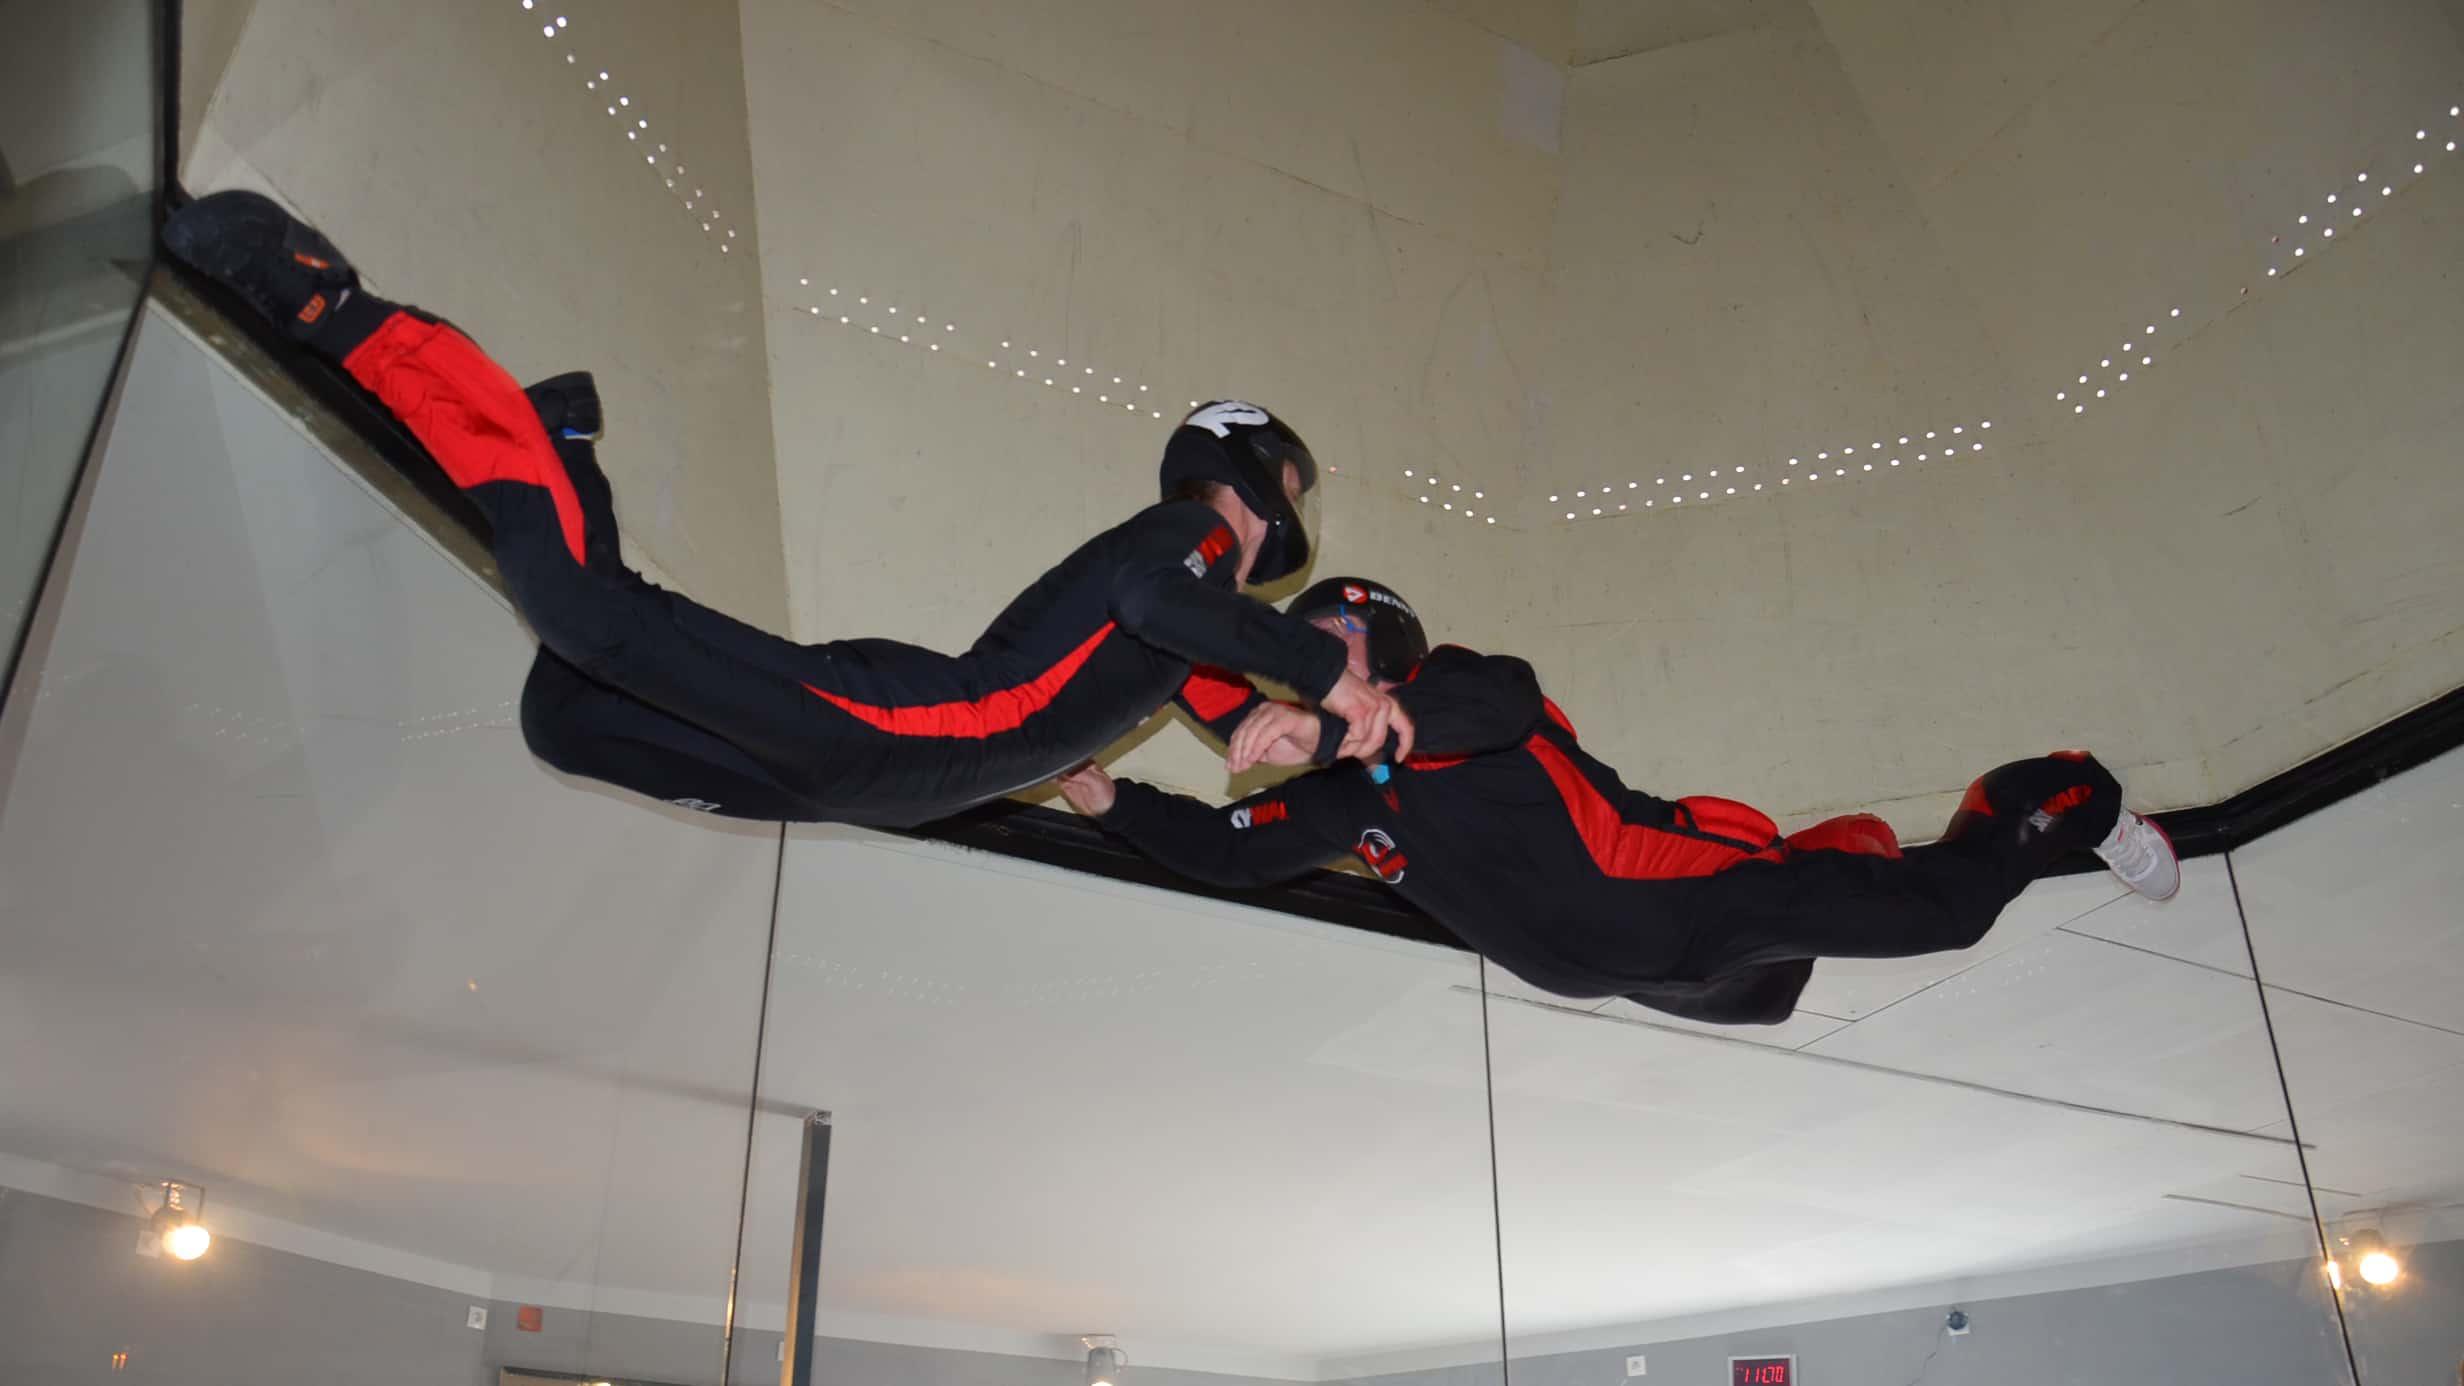 Taxiztatás szélcsatornában 9 méteres magasságban